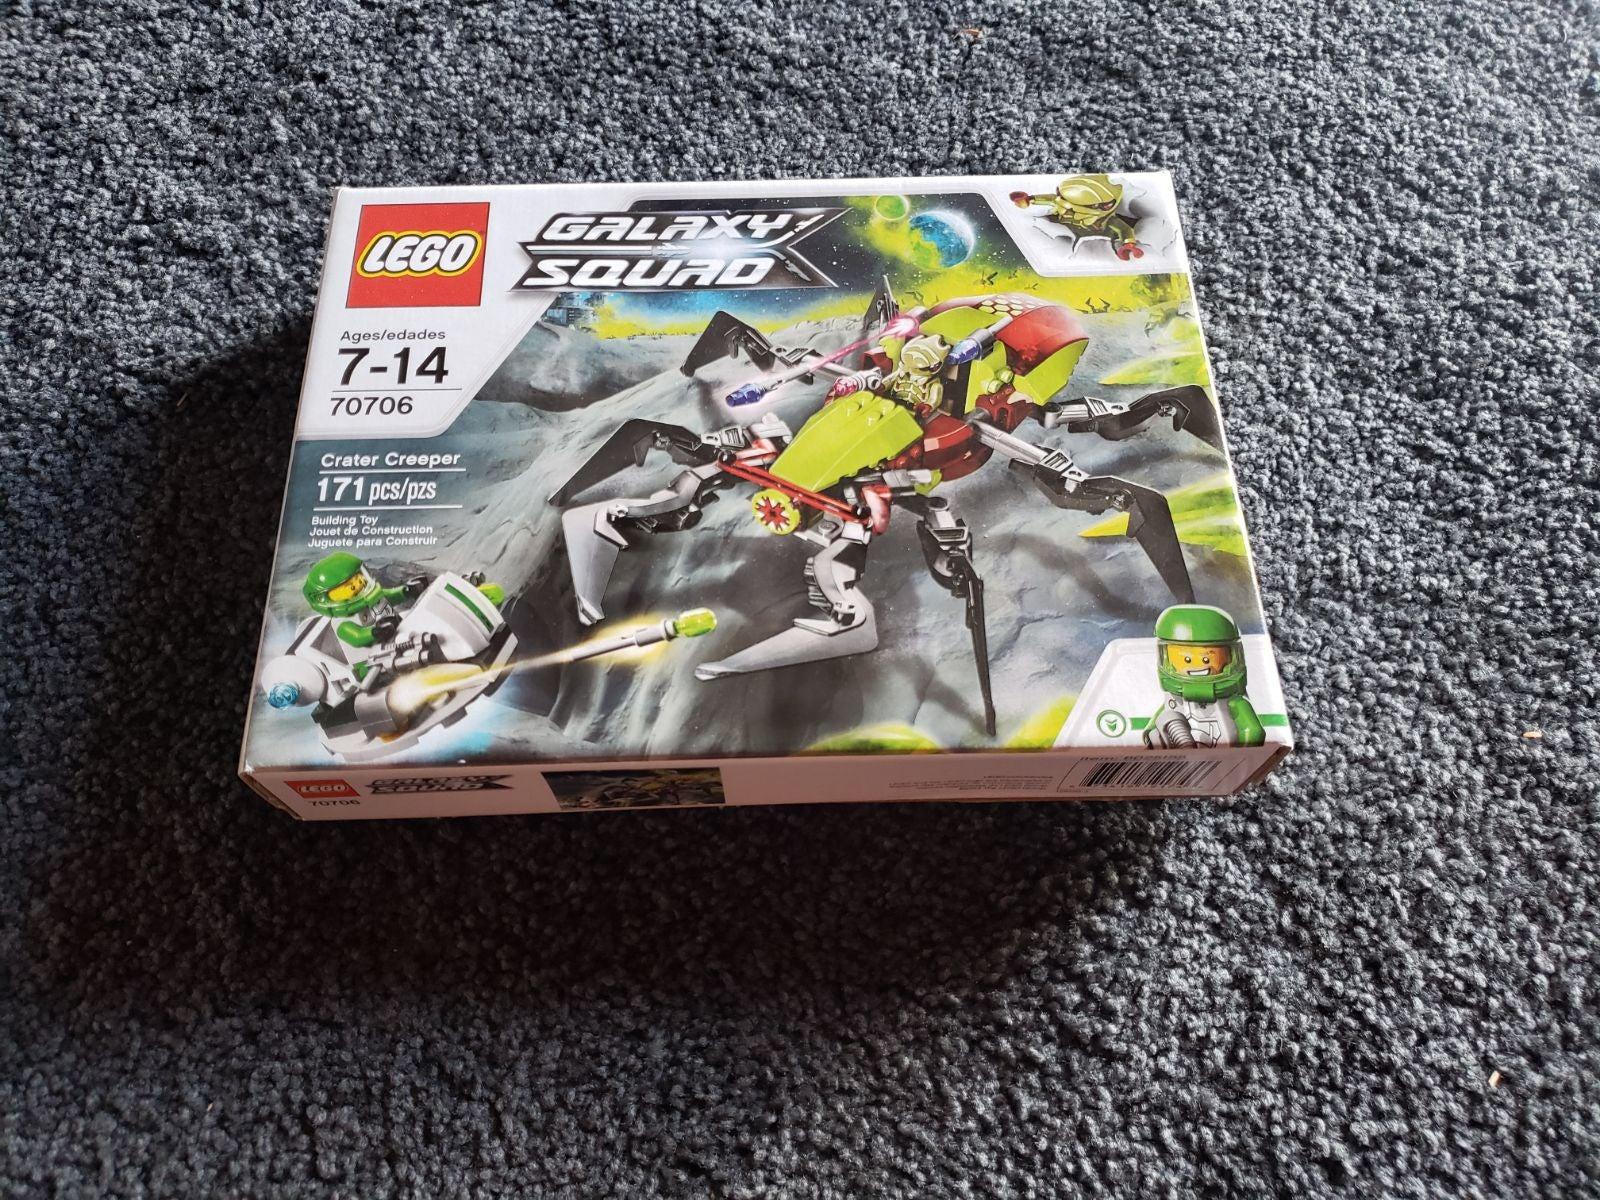 Galaxy squad lego